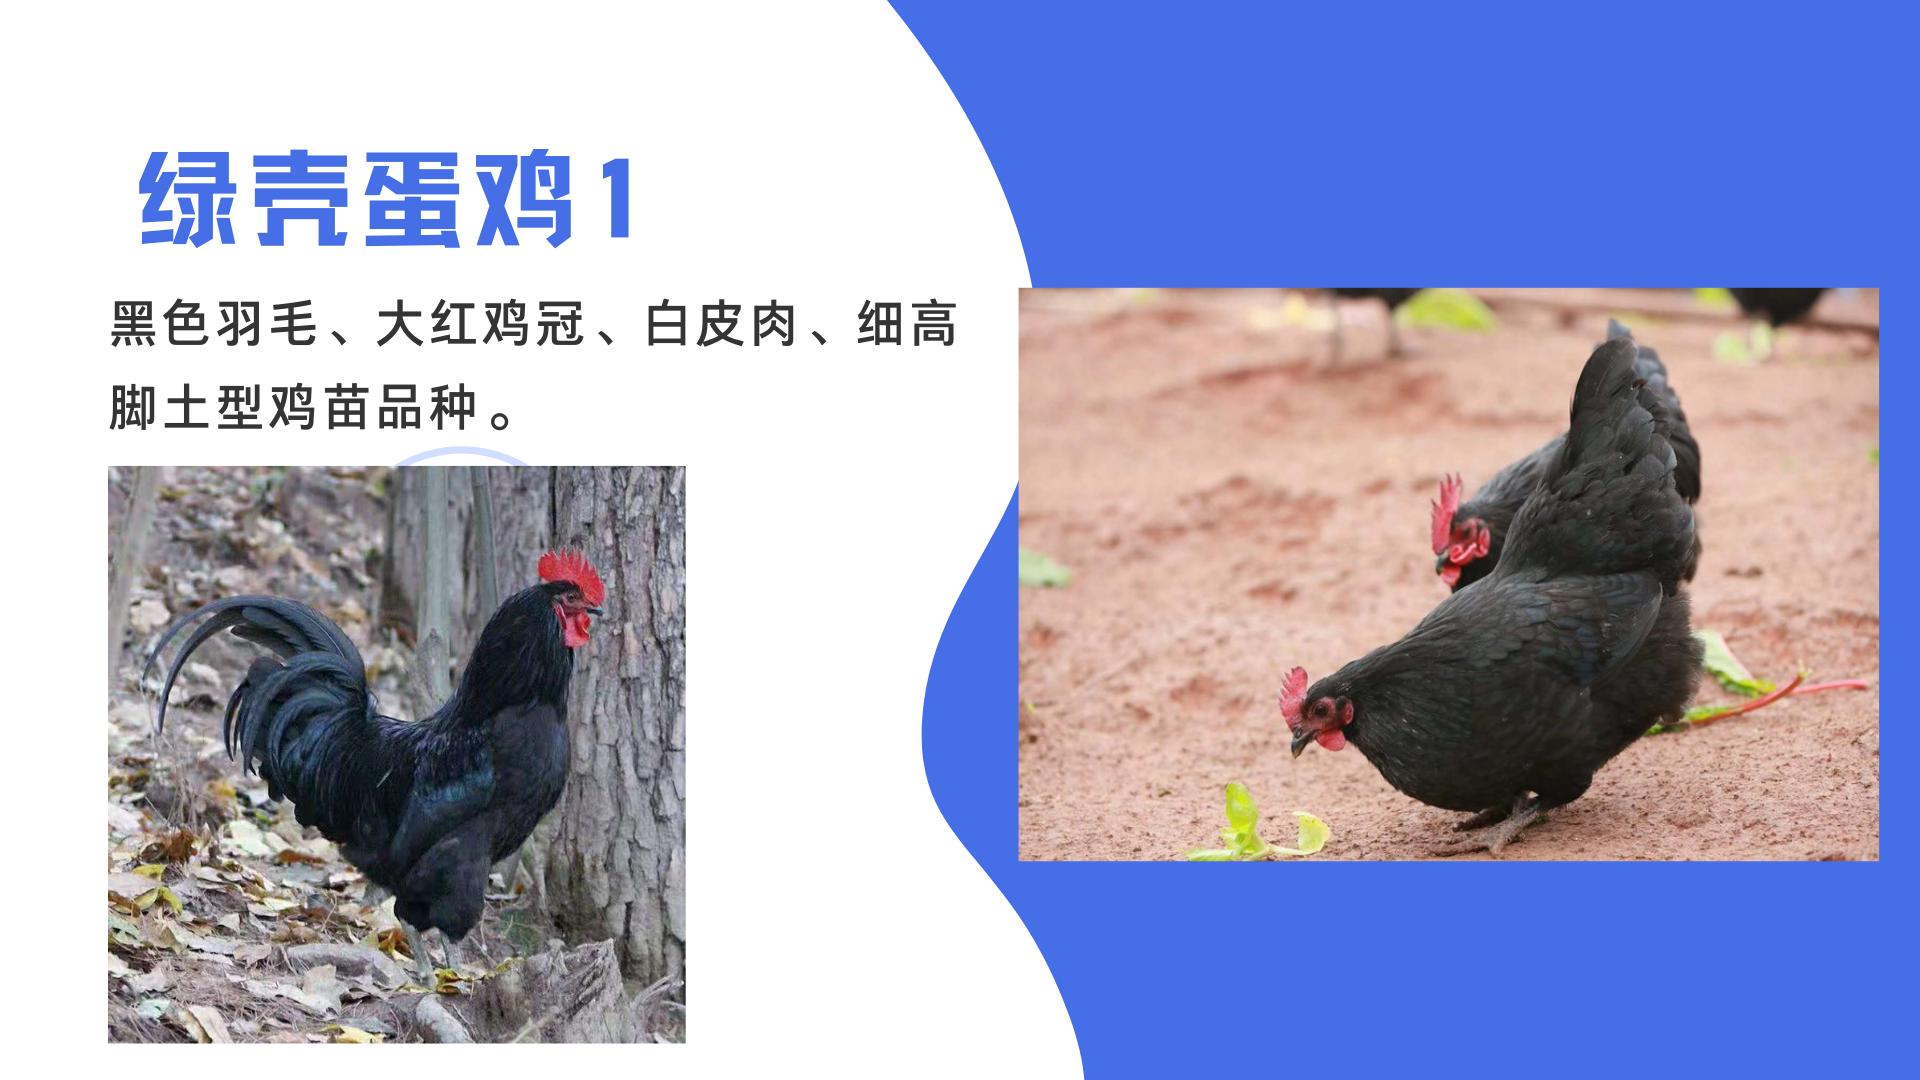 黑羽綠殼蛋雞 紅冠綠殼蛋雞苗 提供雞苗養殖技術學習示例圖1